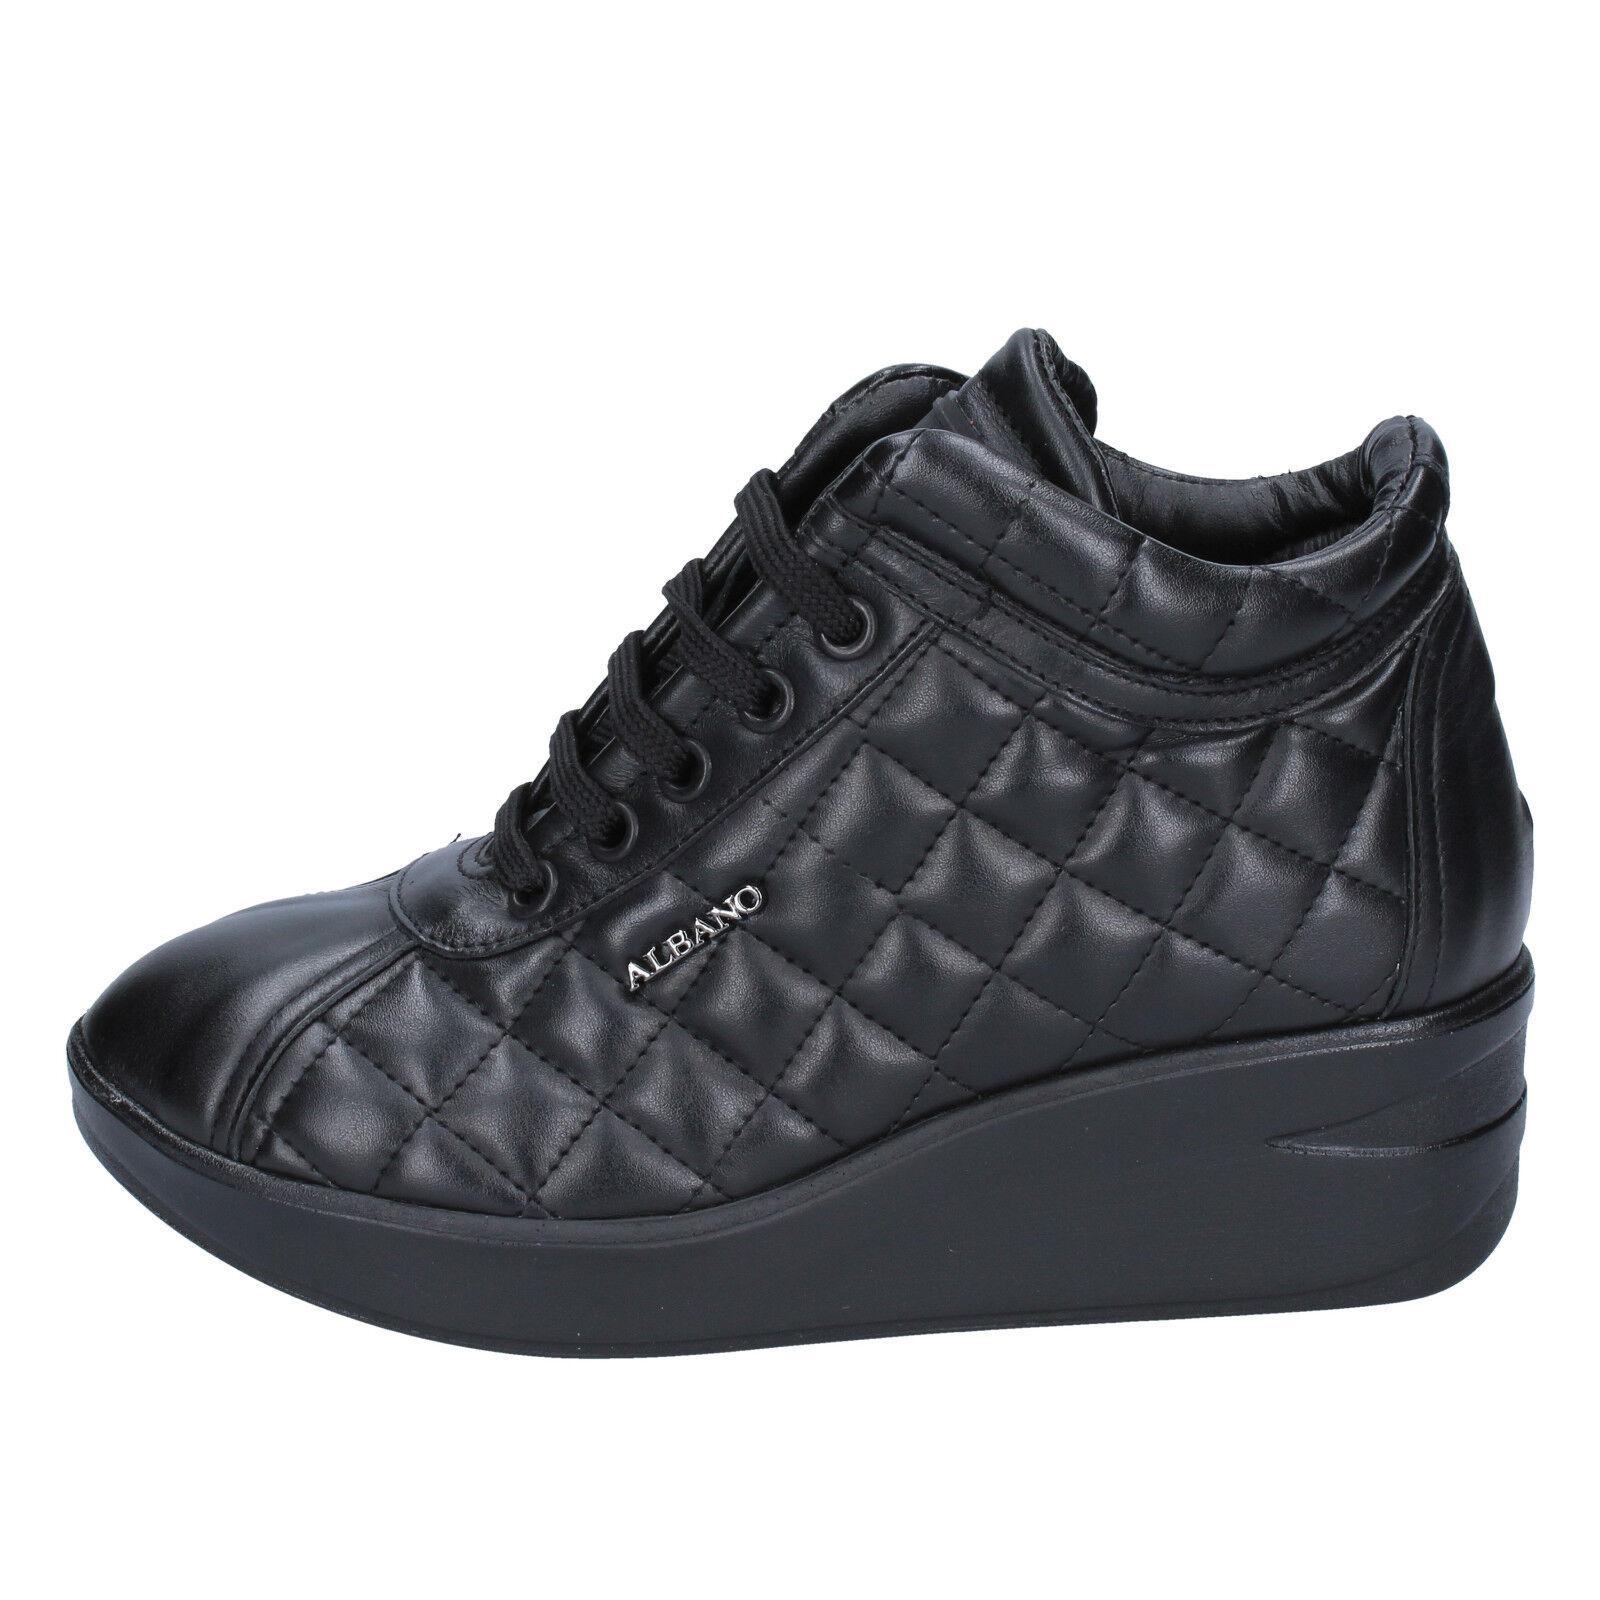 scarpe donna sneakers ALBANO 36 EU sneakers donna nero pelle BY883-36 f1de21